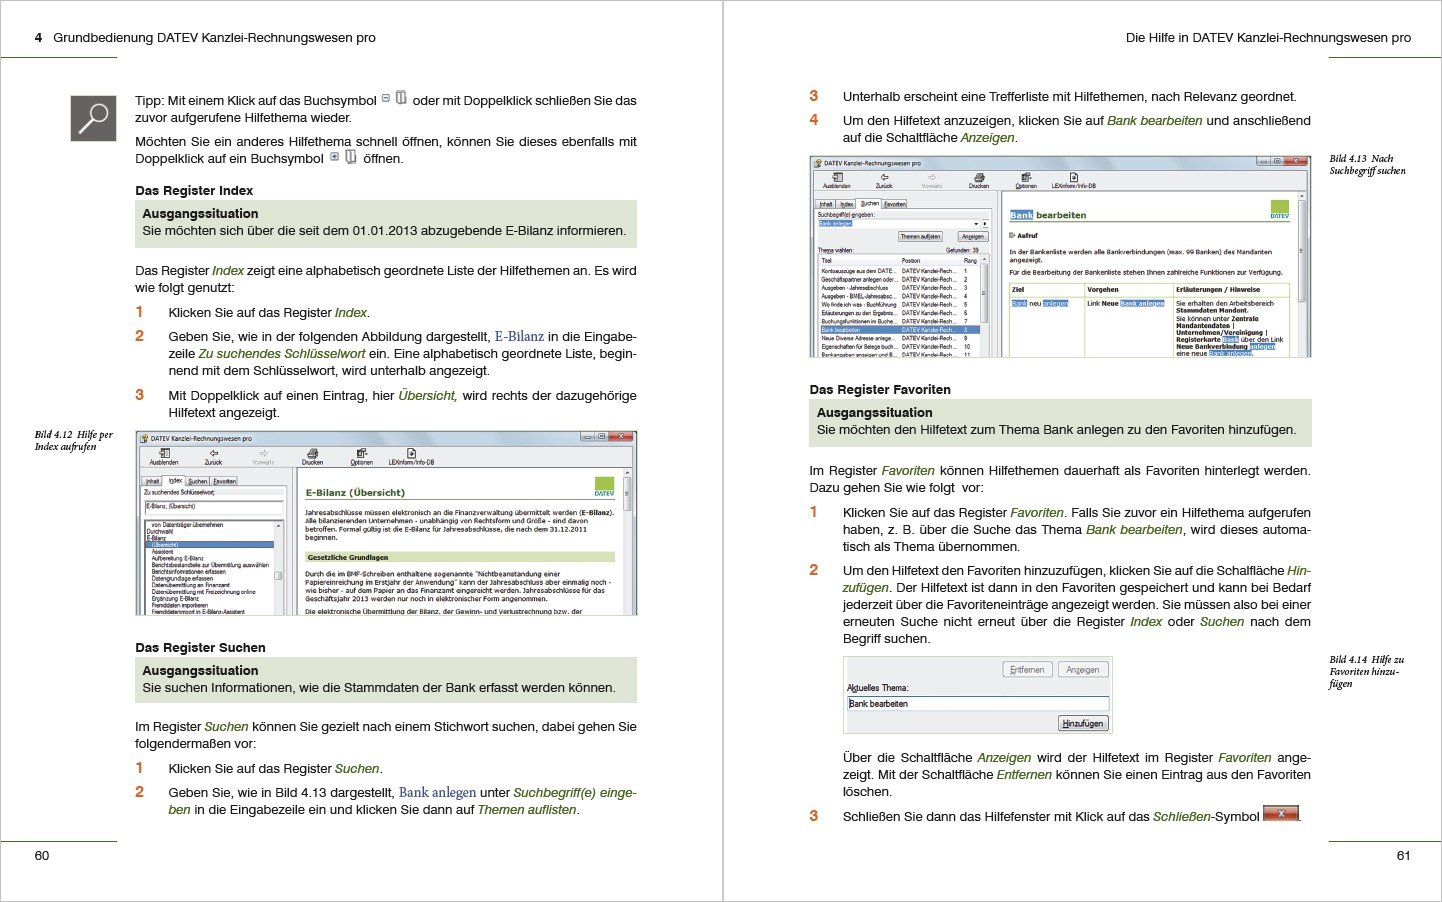 Praxisnahe Finanzbuchhaltung mit DATEV Kanzlei-Rechnungswesen pro ...